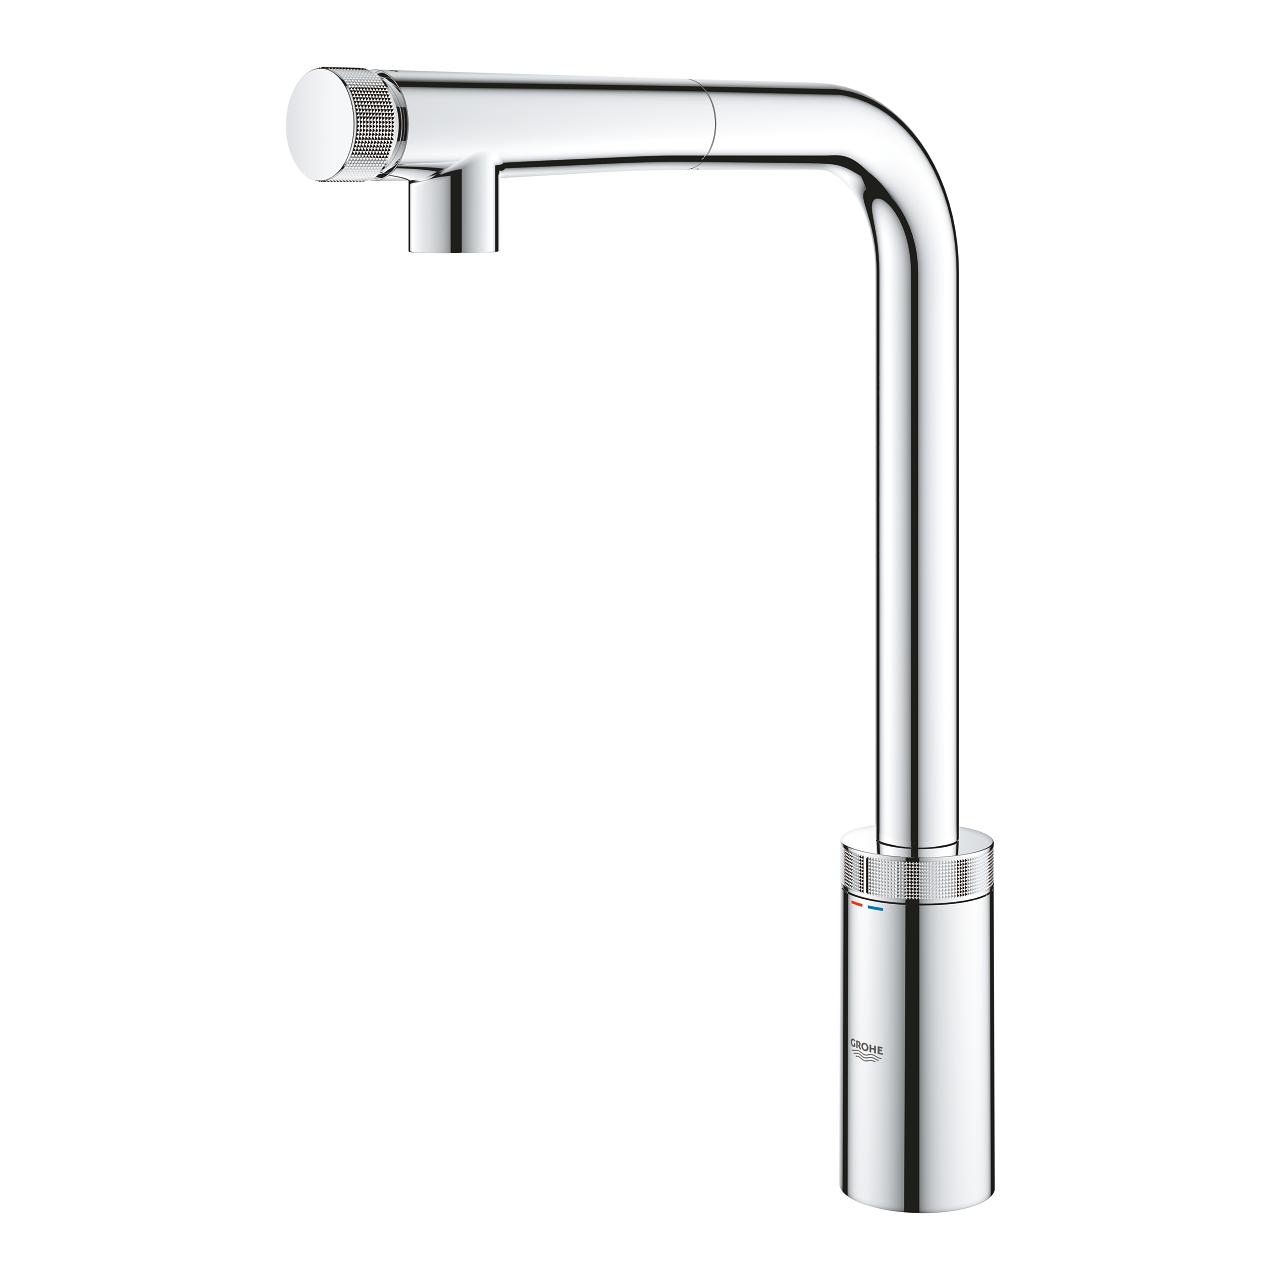 Grohe Minta SmartControl miscelatore per lavello cucina con doccino  estraibile, cromato - 31613000